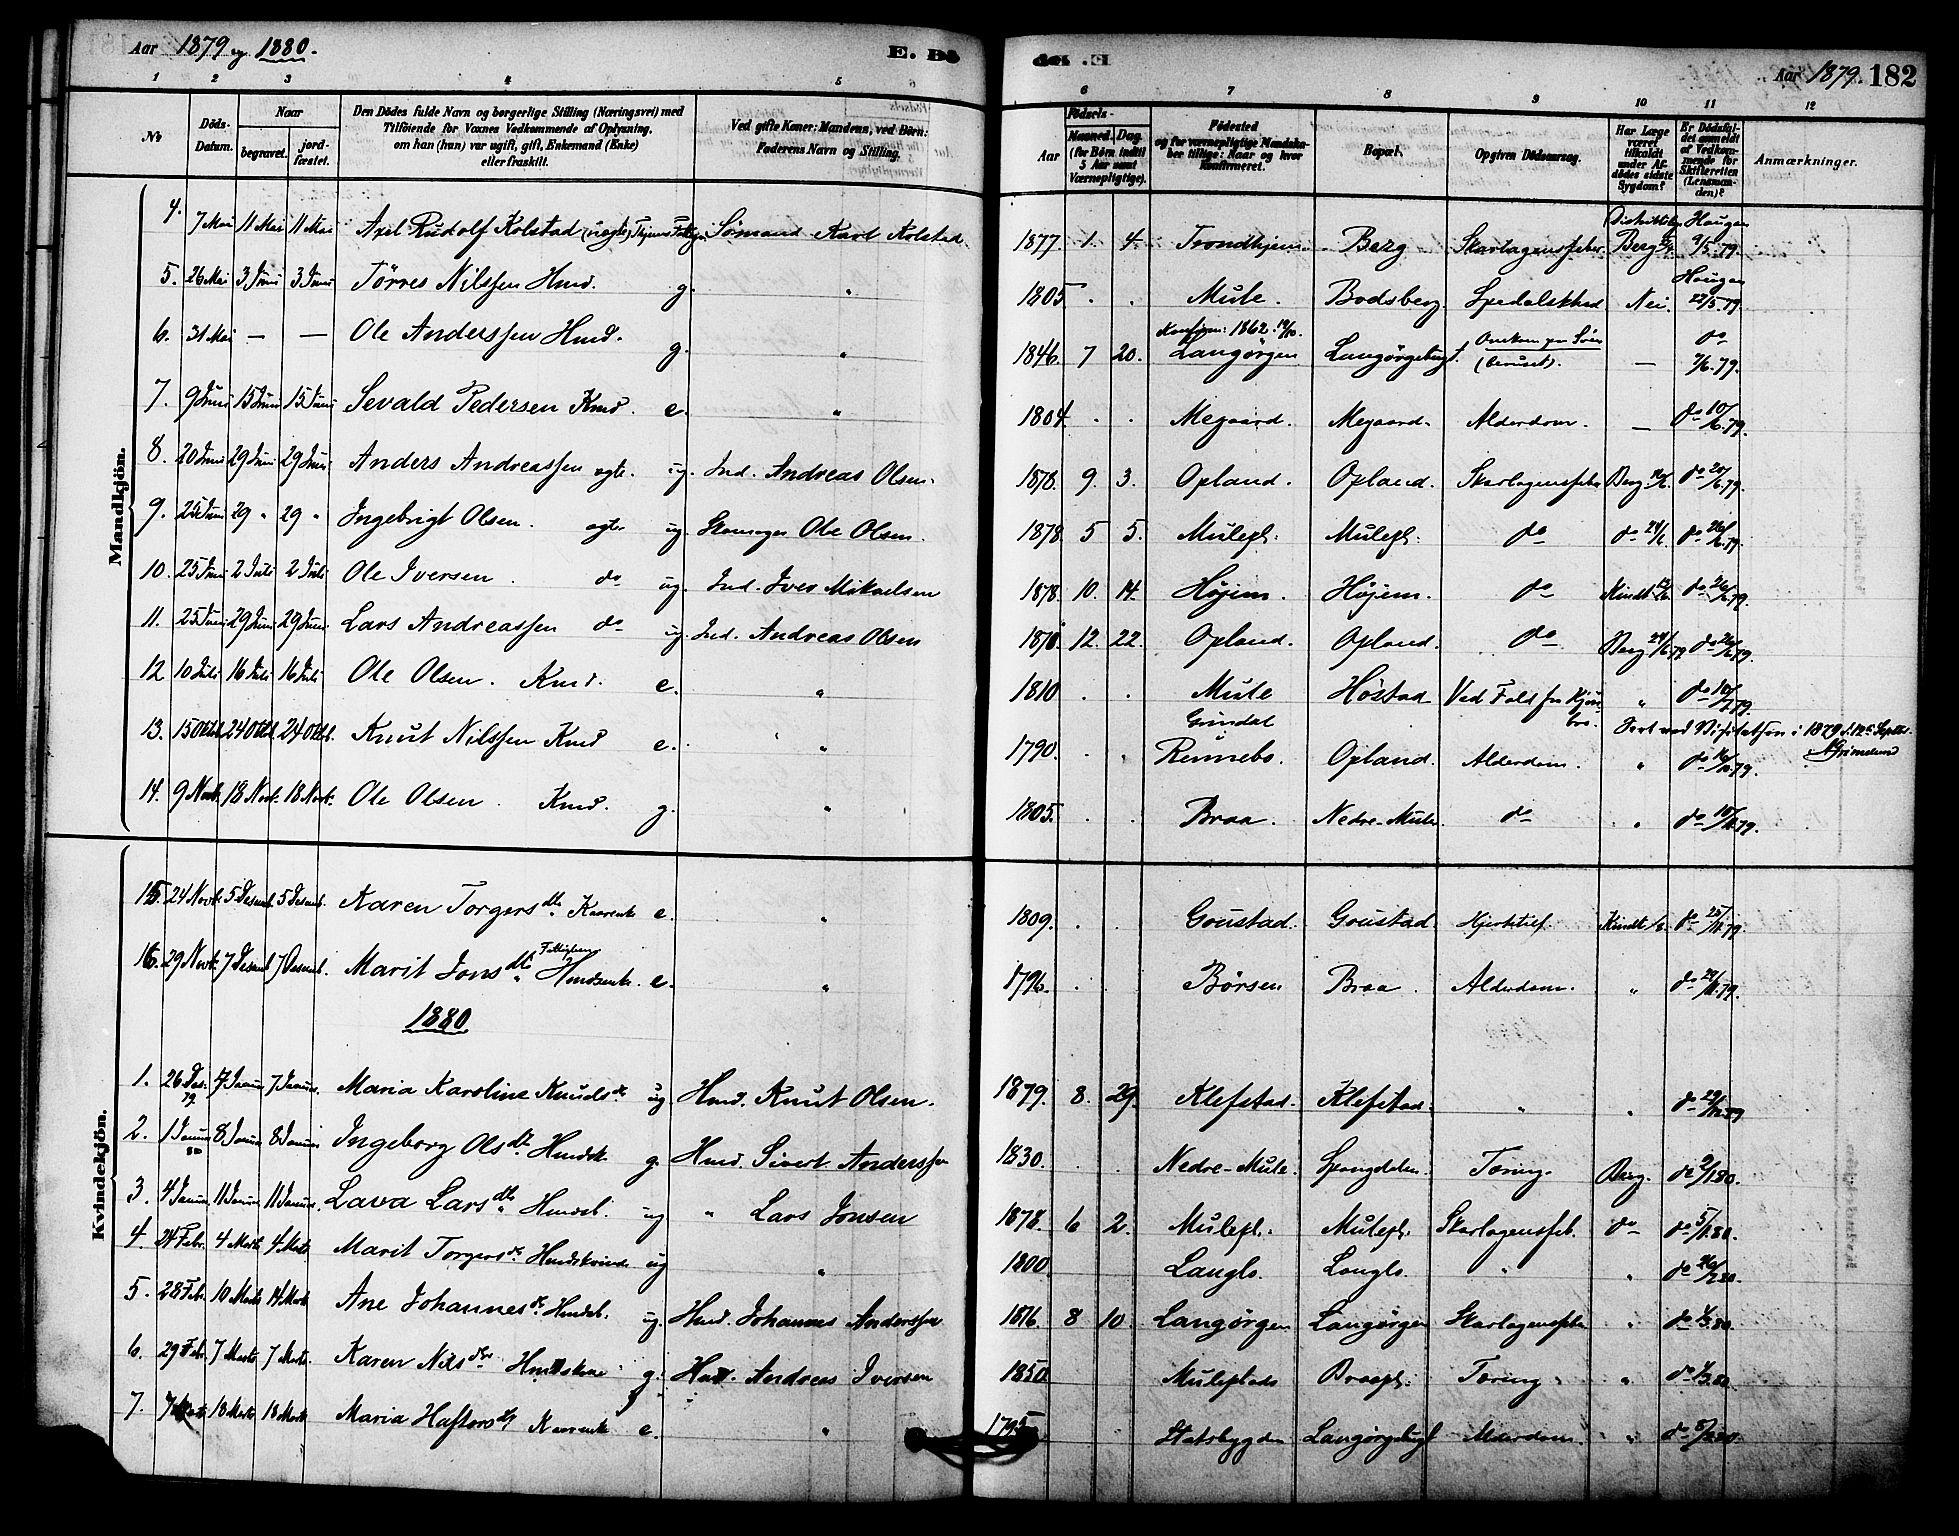 SAT, Ministerialprotokoller, klokkerbøker og fødselsregistre - Sør-Trøndelag, 612/L0378: Ministerialbok nr. 612A10, 1878-1897, s. 182